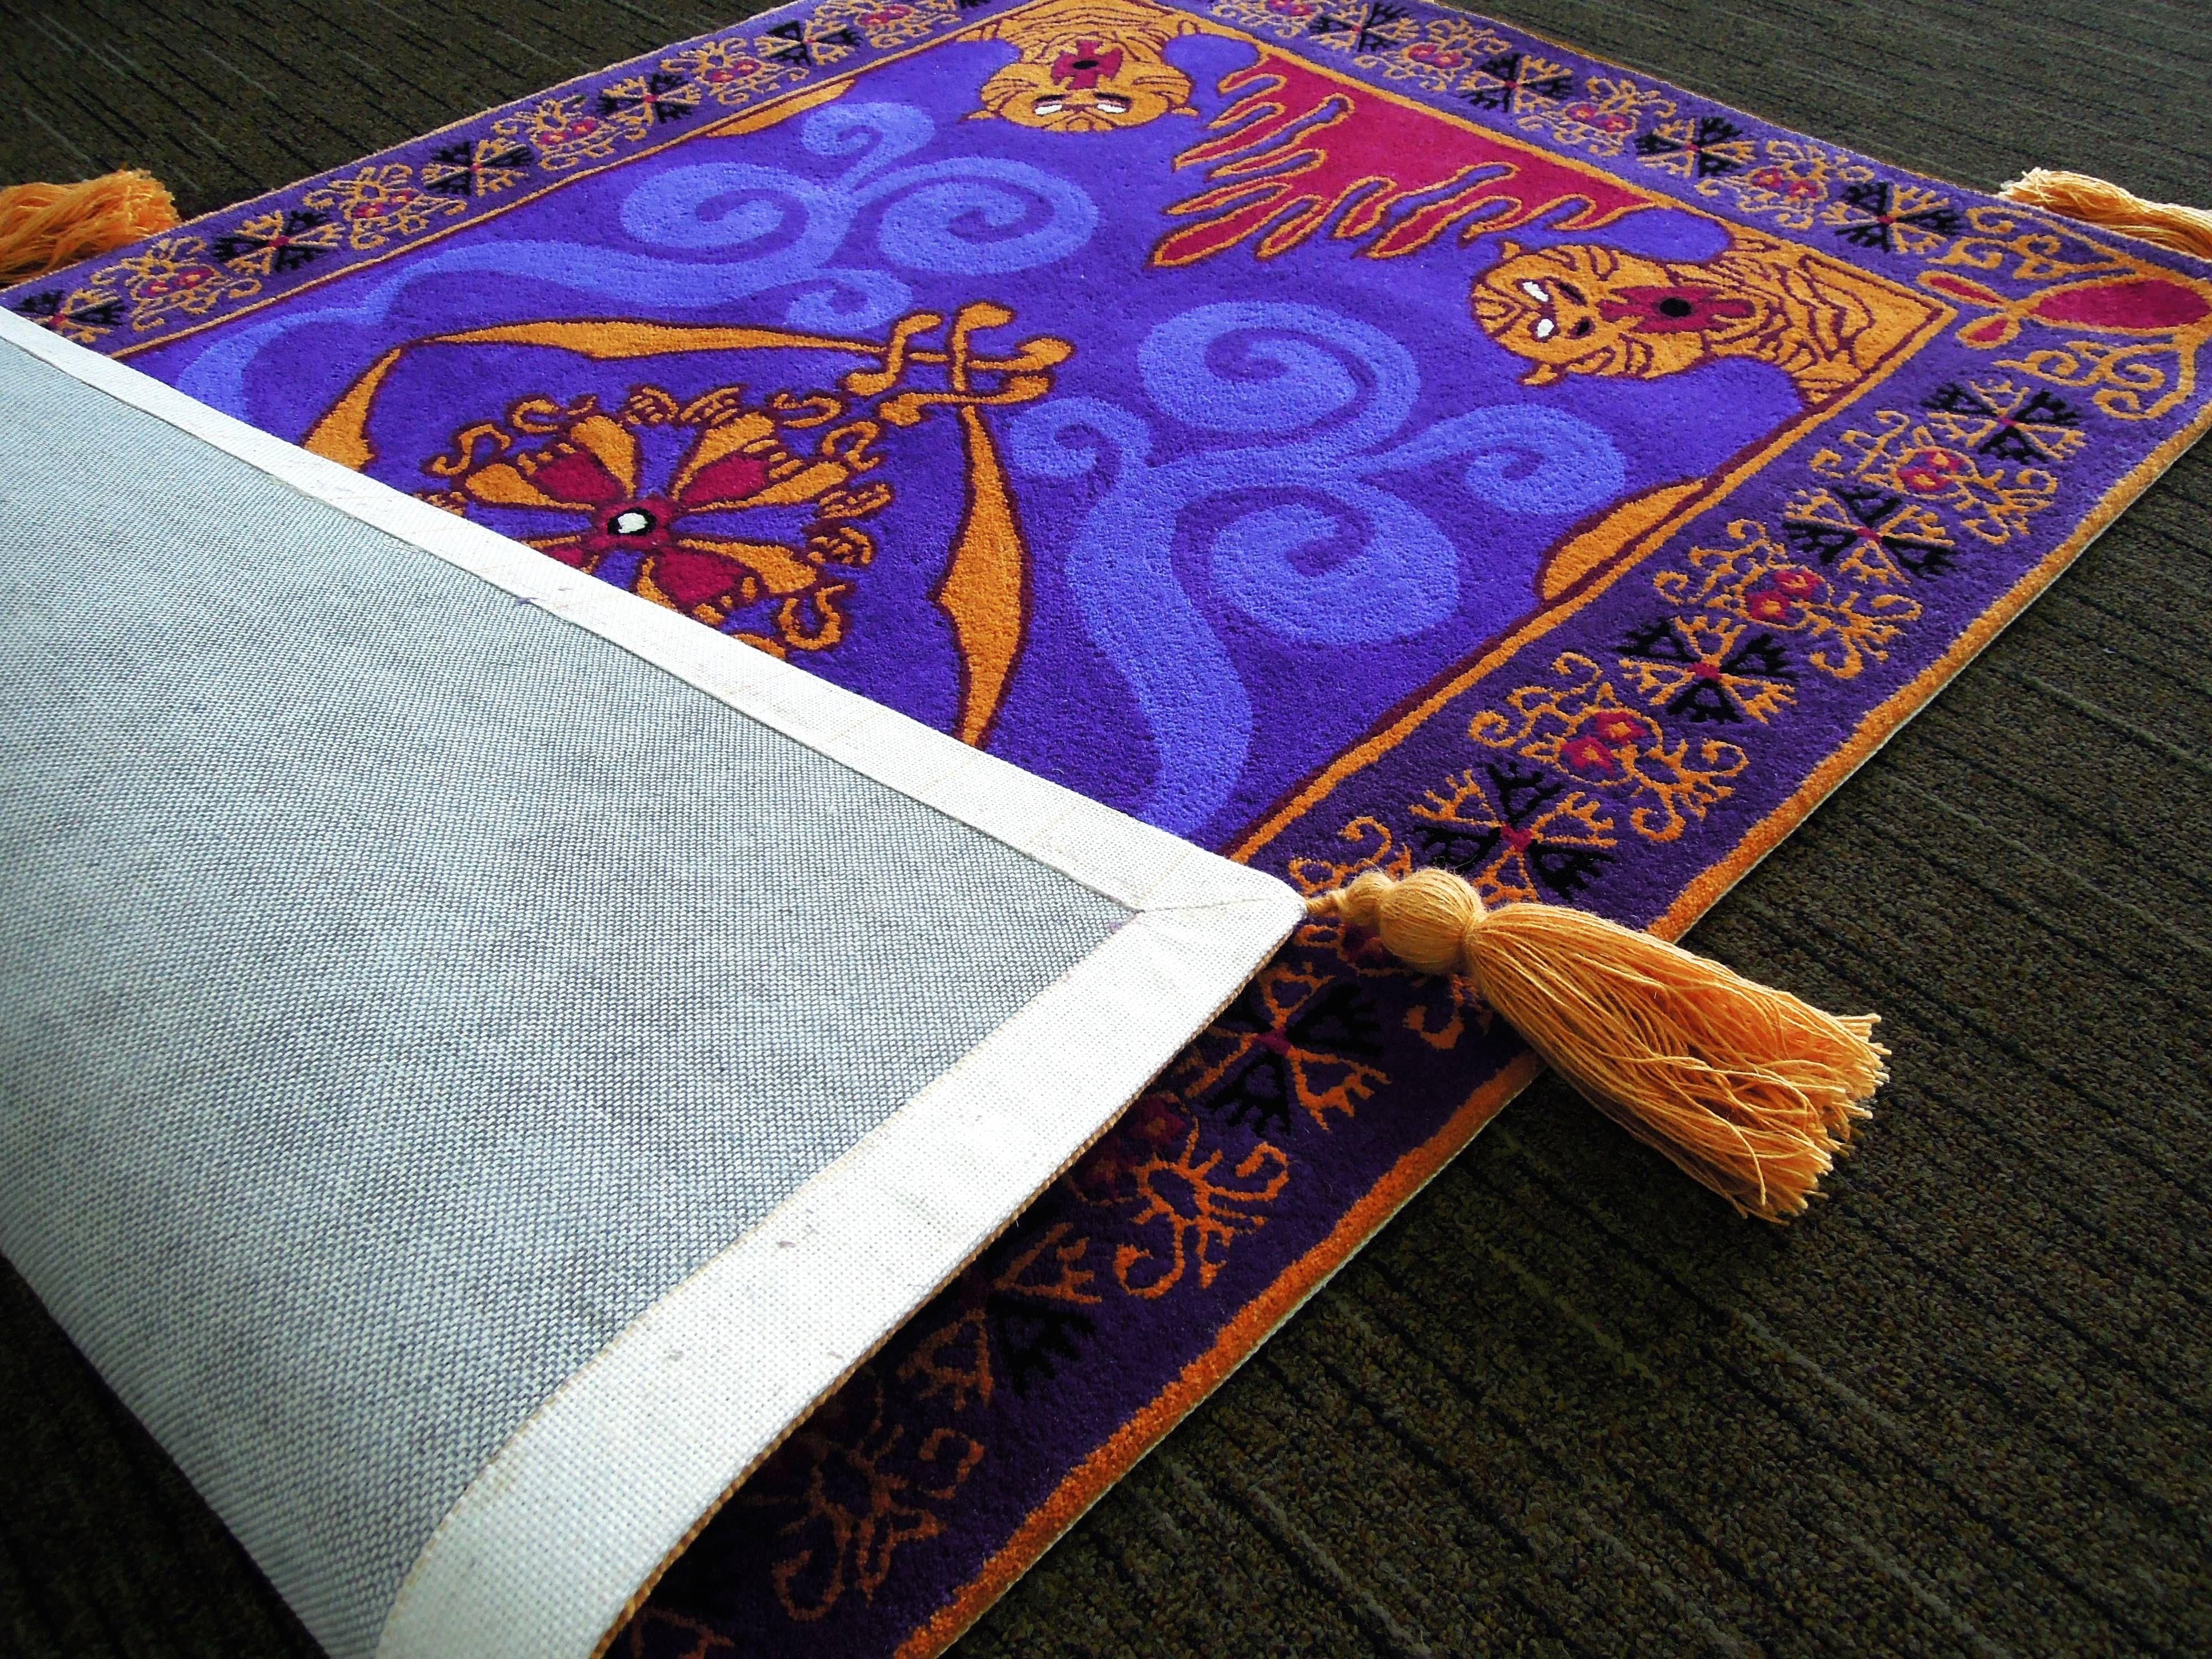 Aladdin's Magic Carpet, Complete with Pics! | Home Decor ...